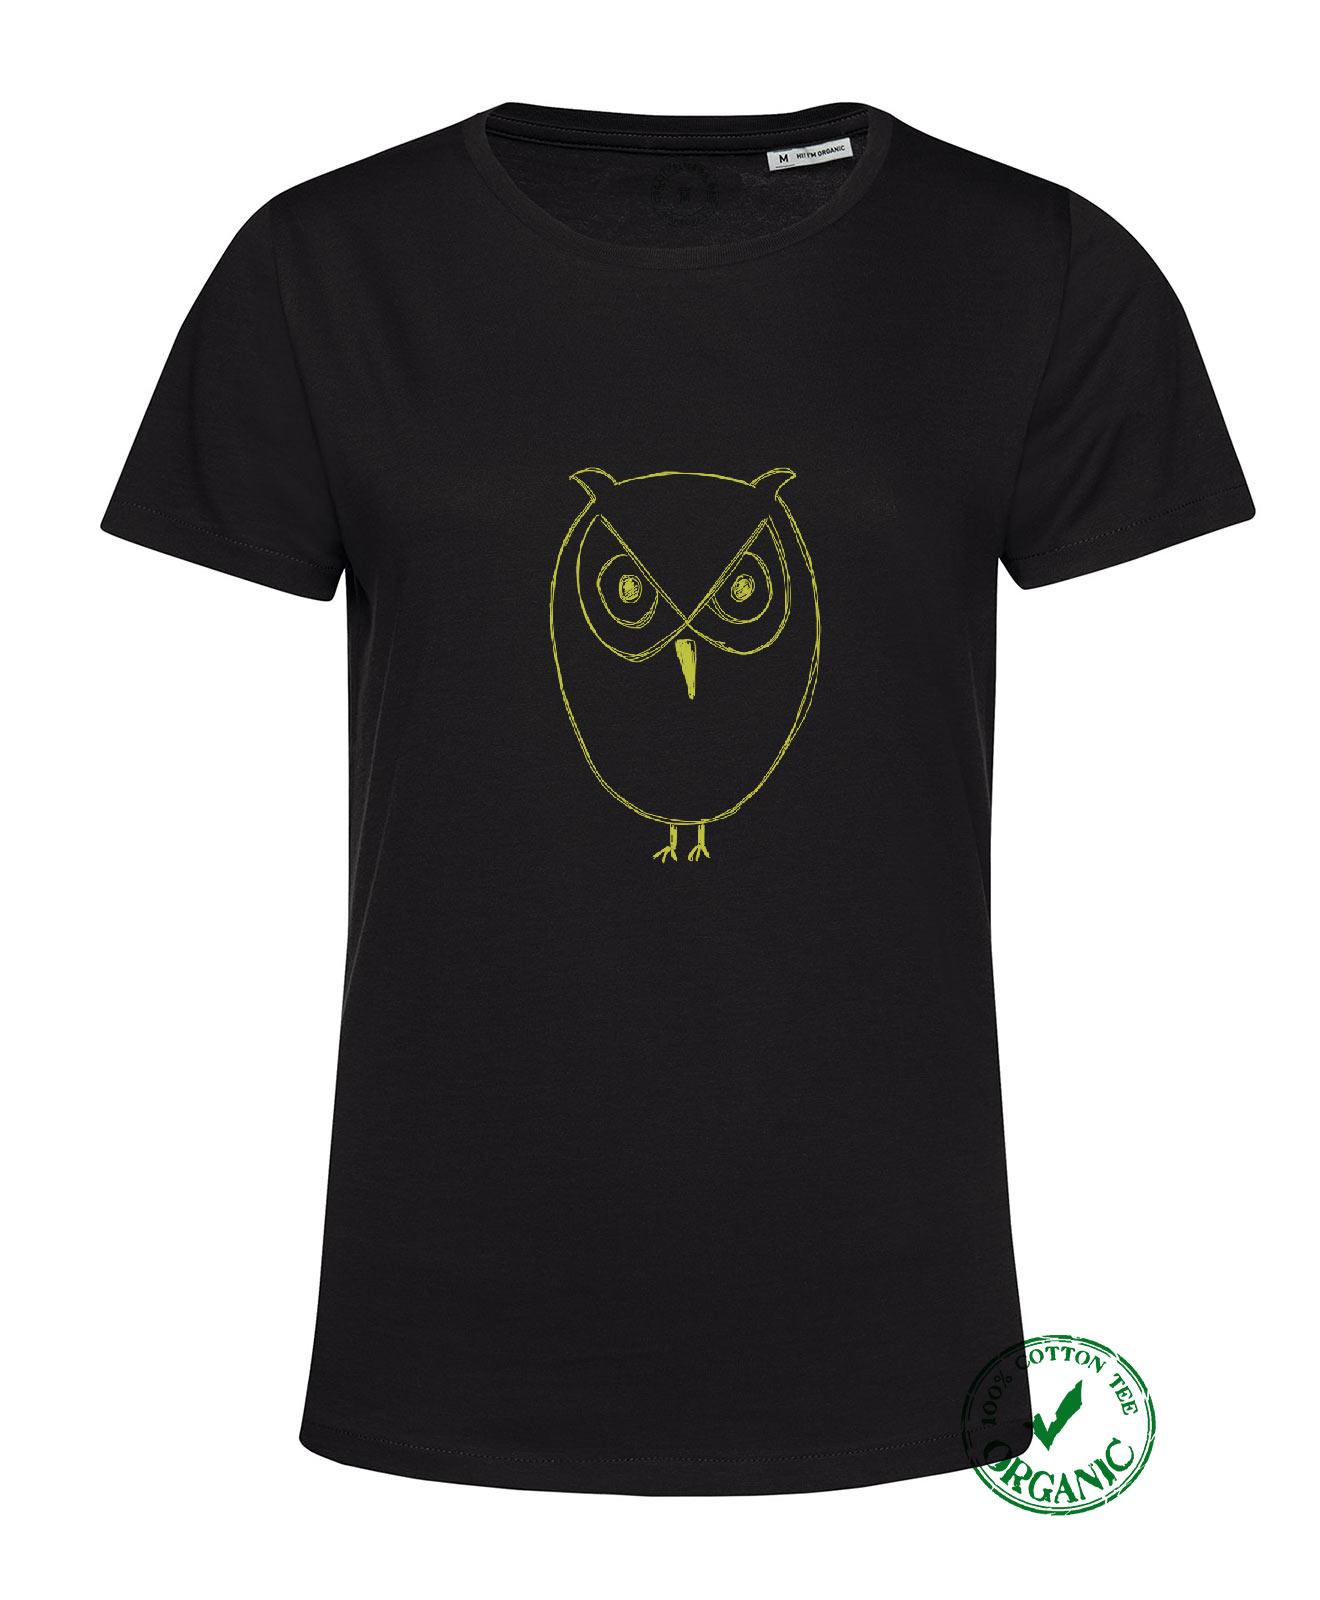 Owl Organic Woman Tee